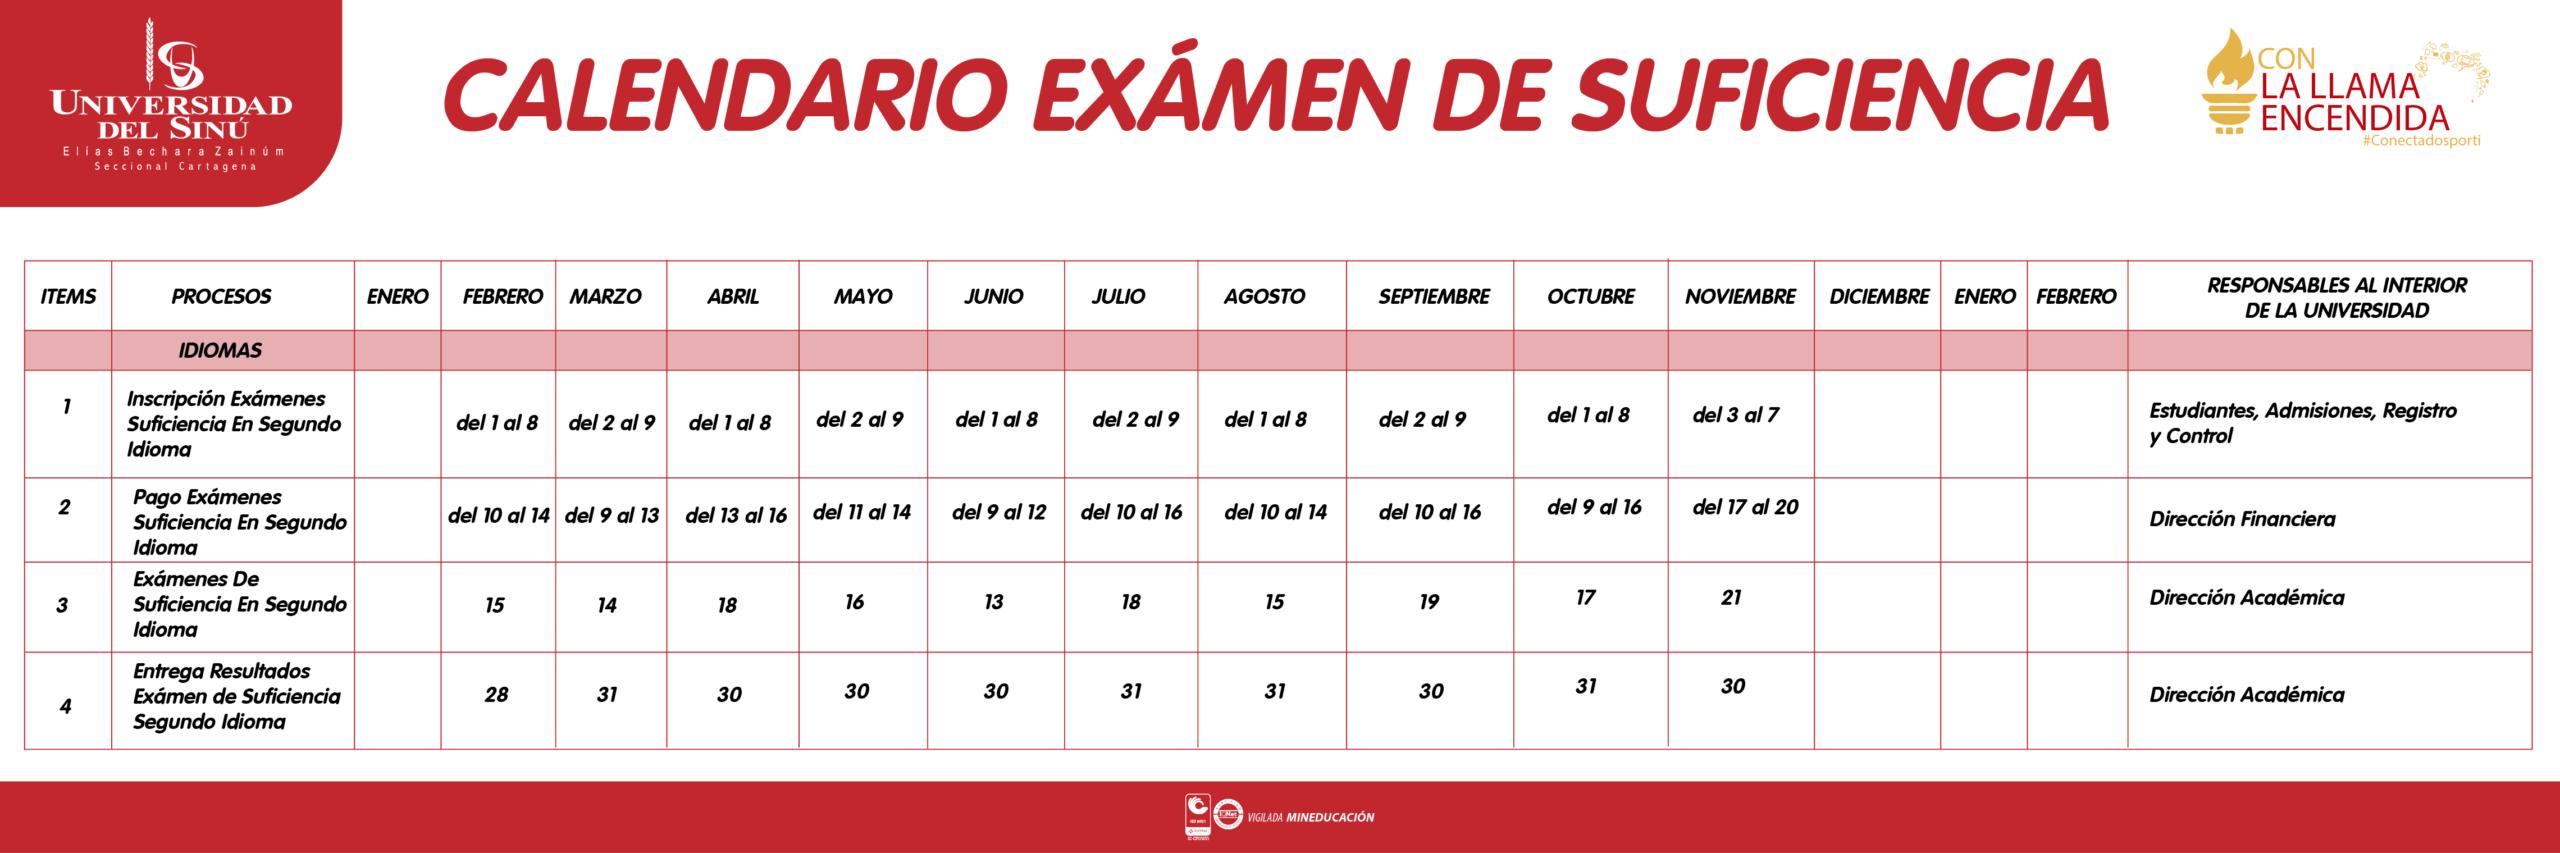 CALENDARIO EXAMEN DE SUFICIENCIA_Mesa de trabajo 1